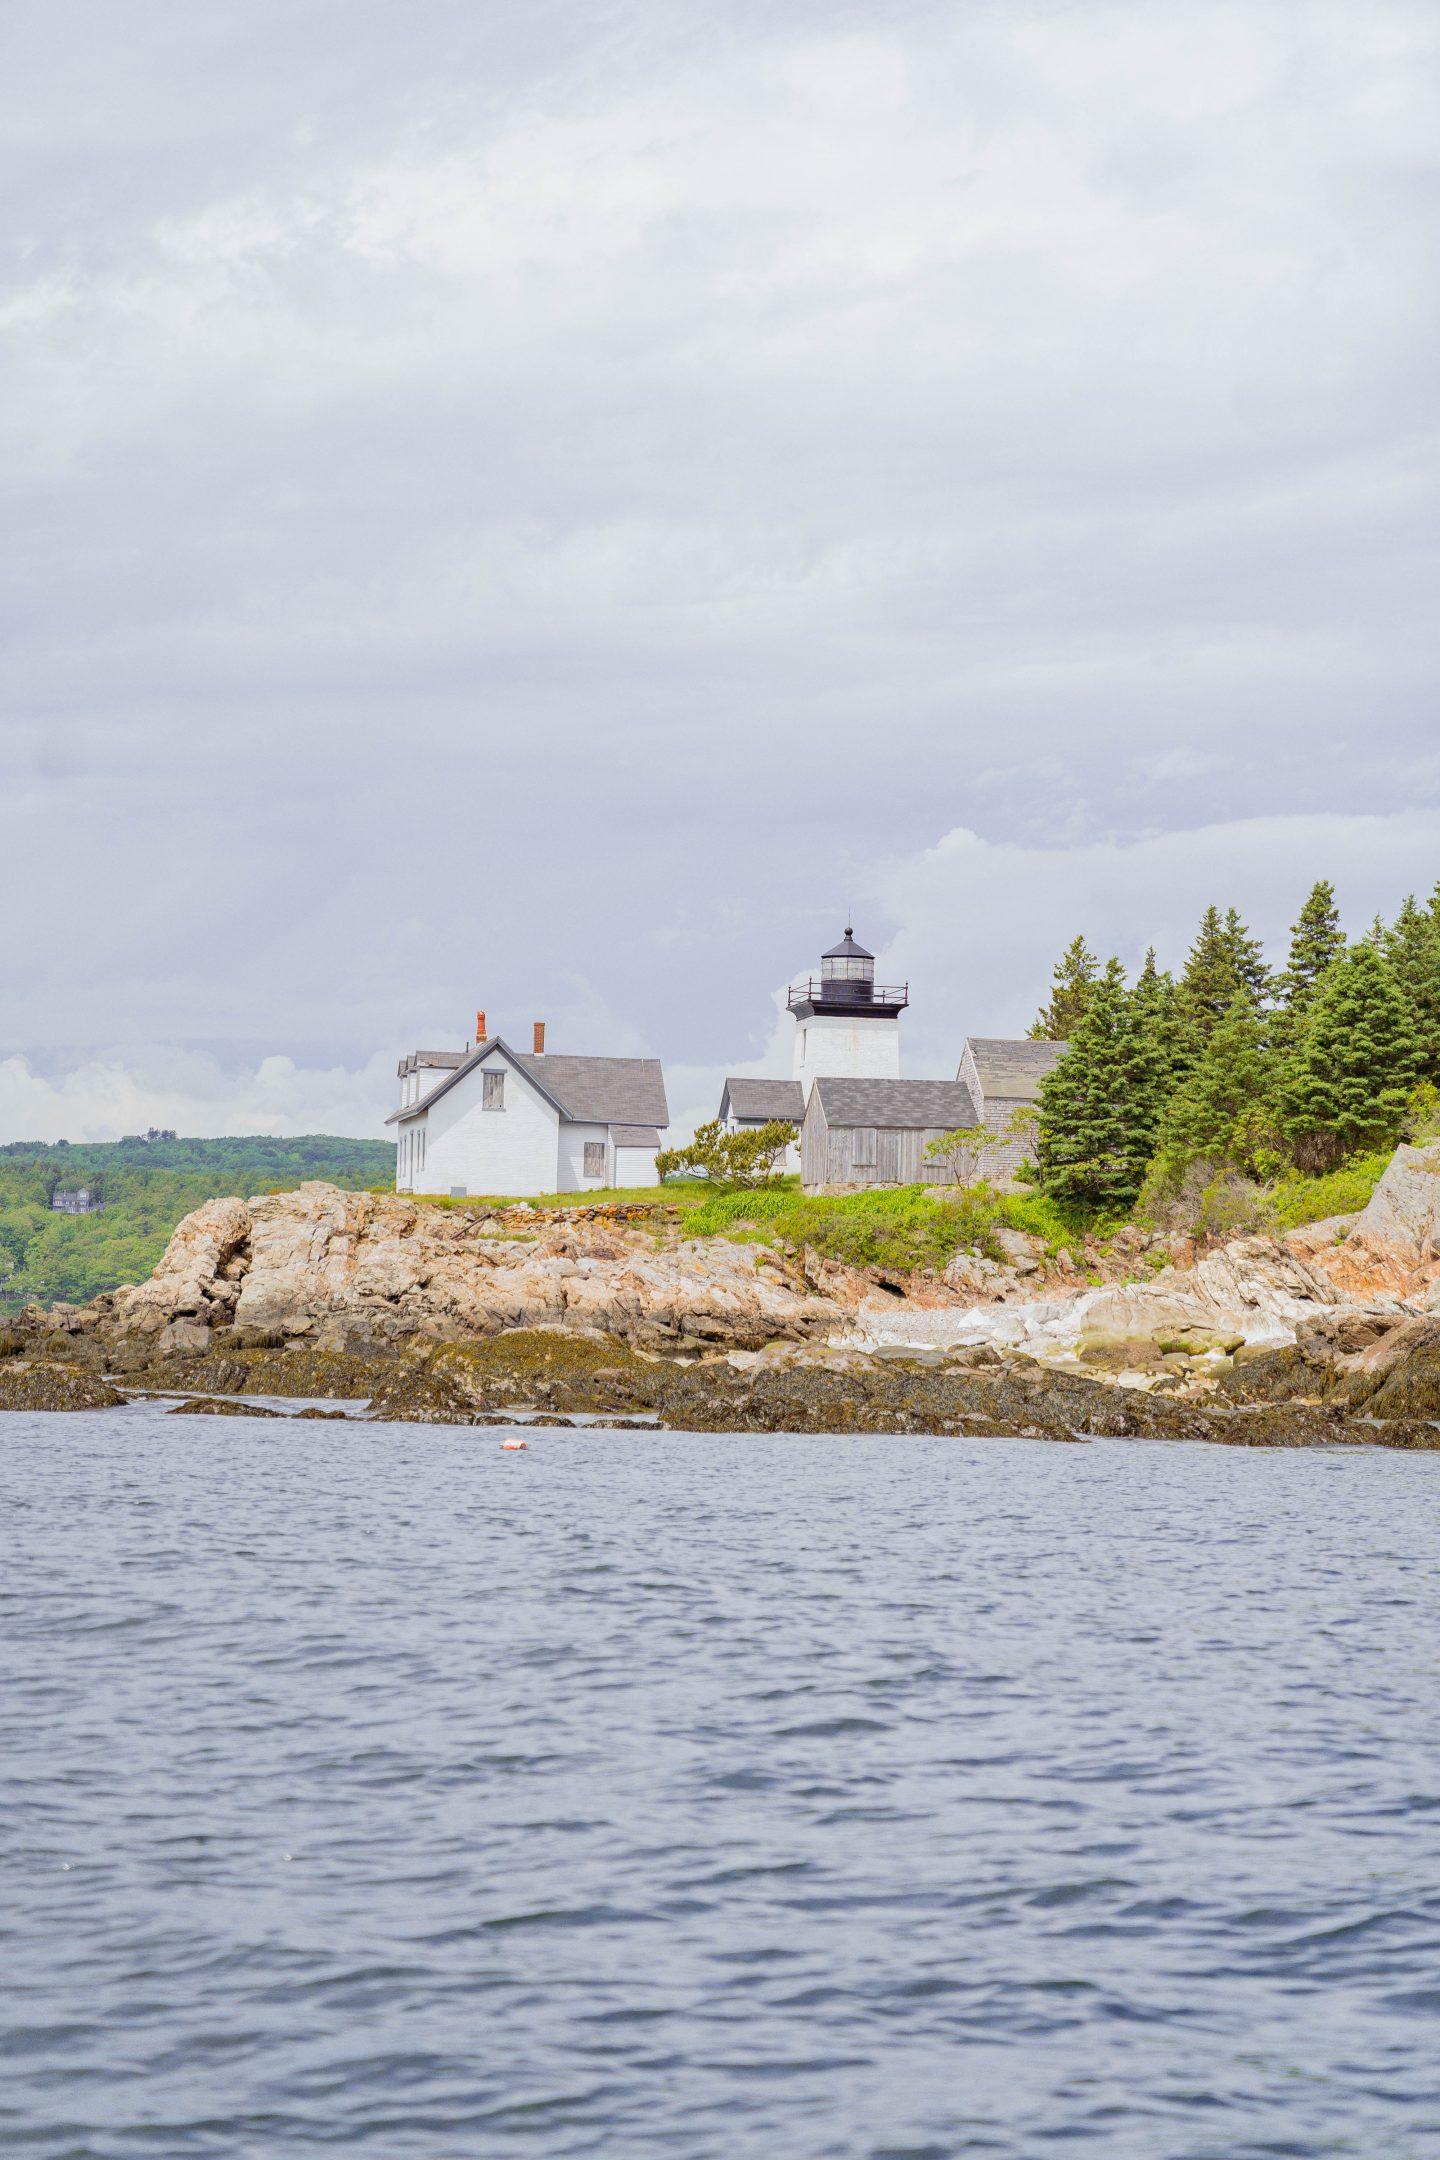 livinglesh camden maine lighthouse